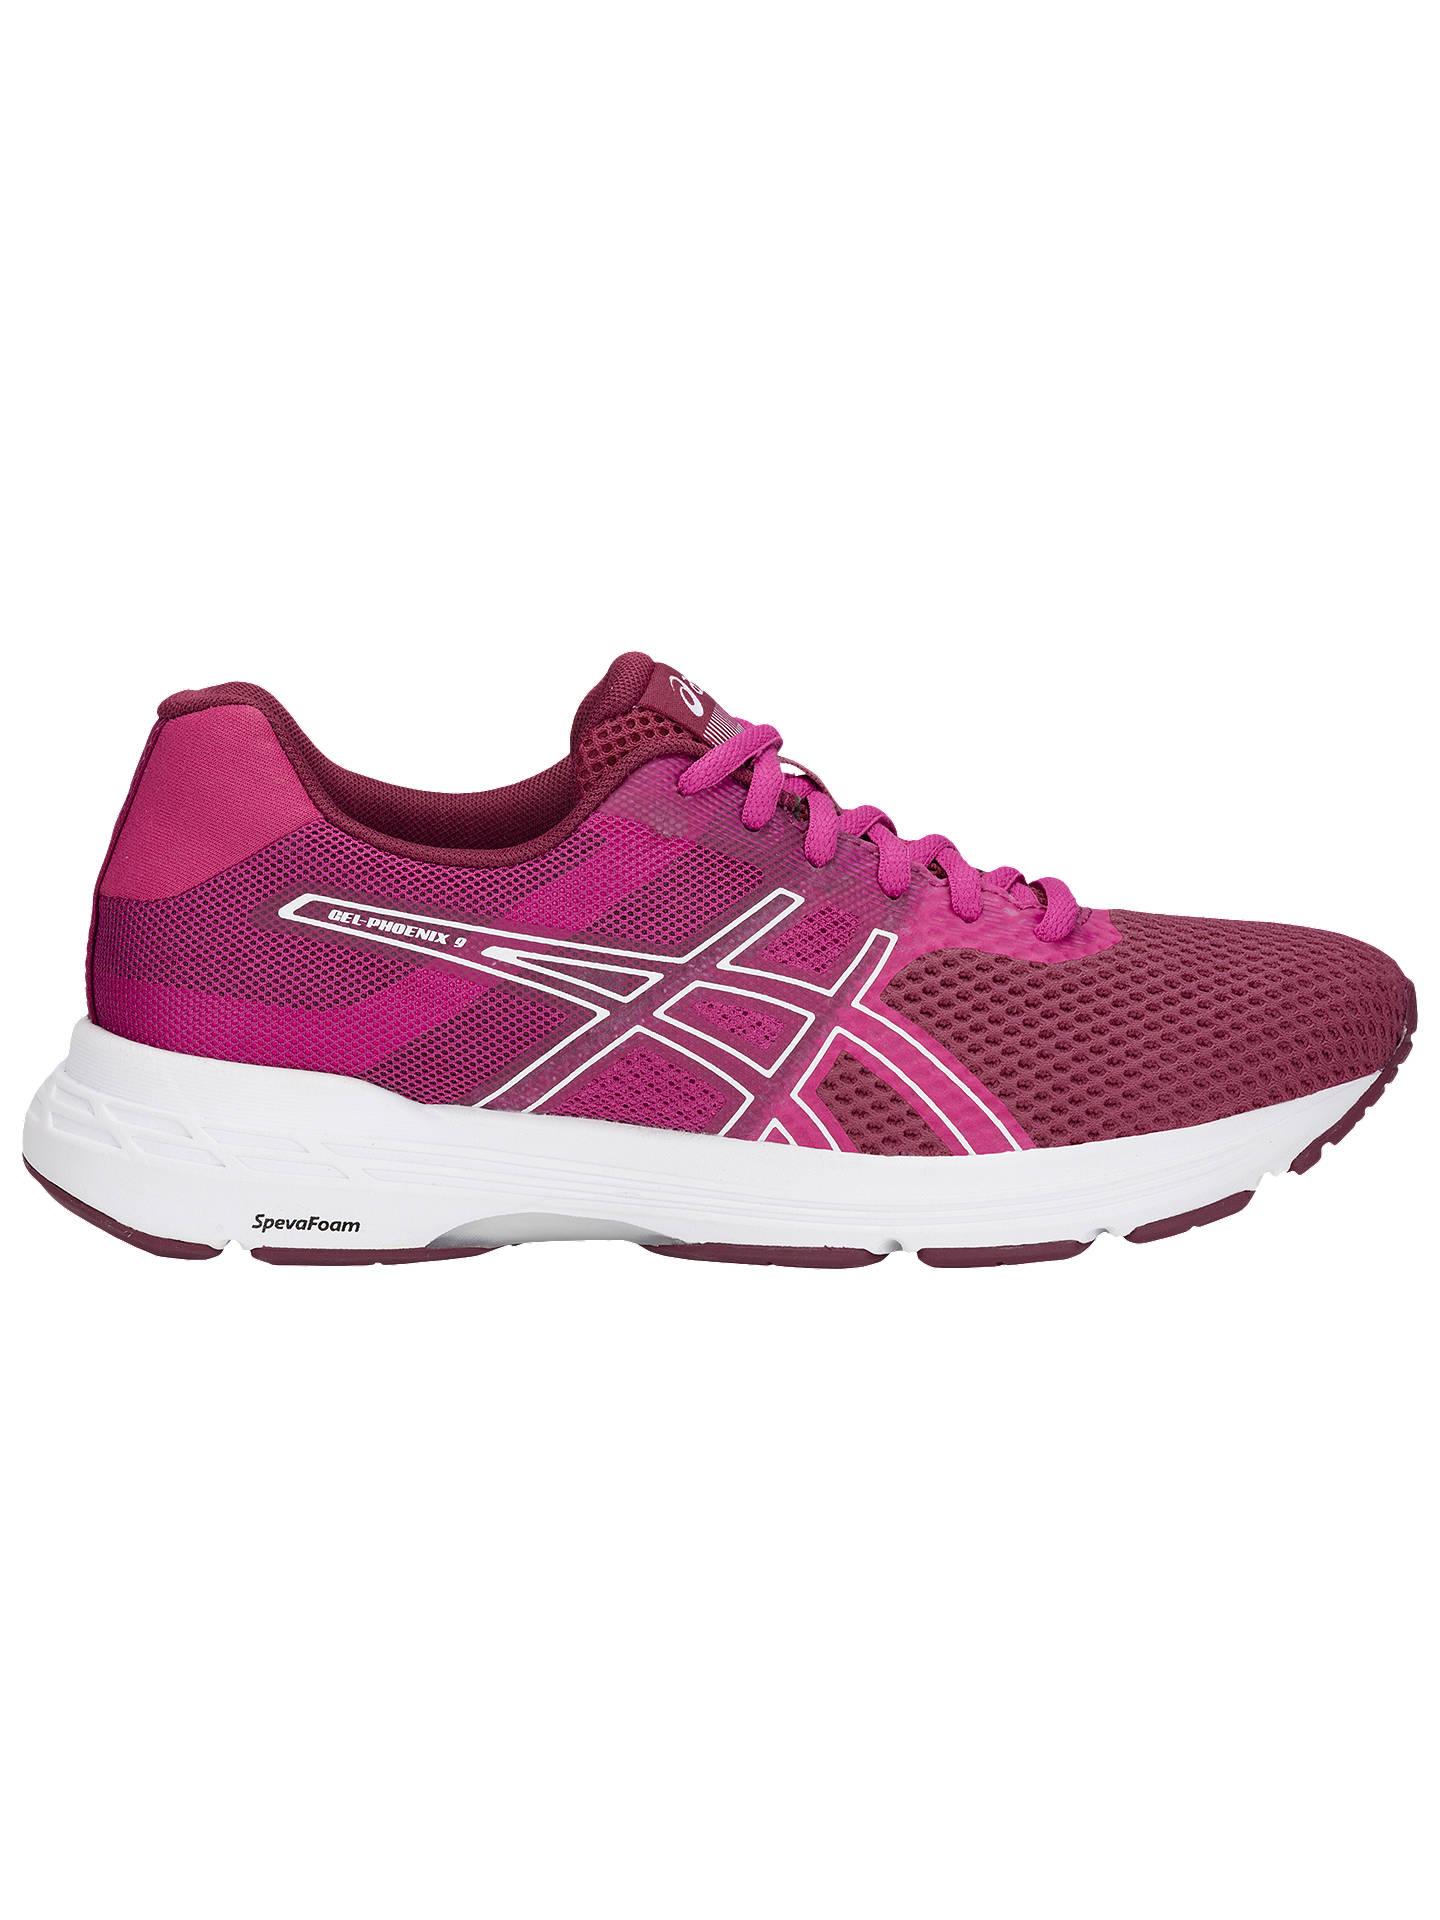 ASICS GEL-PHOENIX 9 Women's Running Shoes at John Lewis